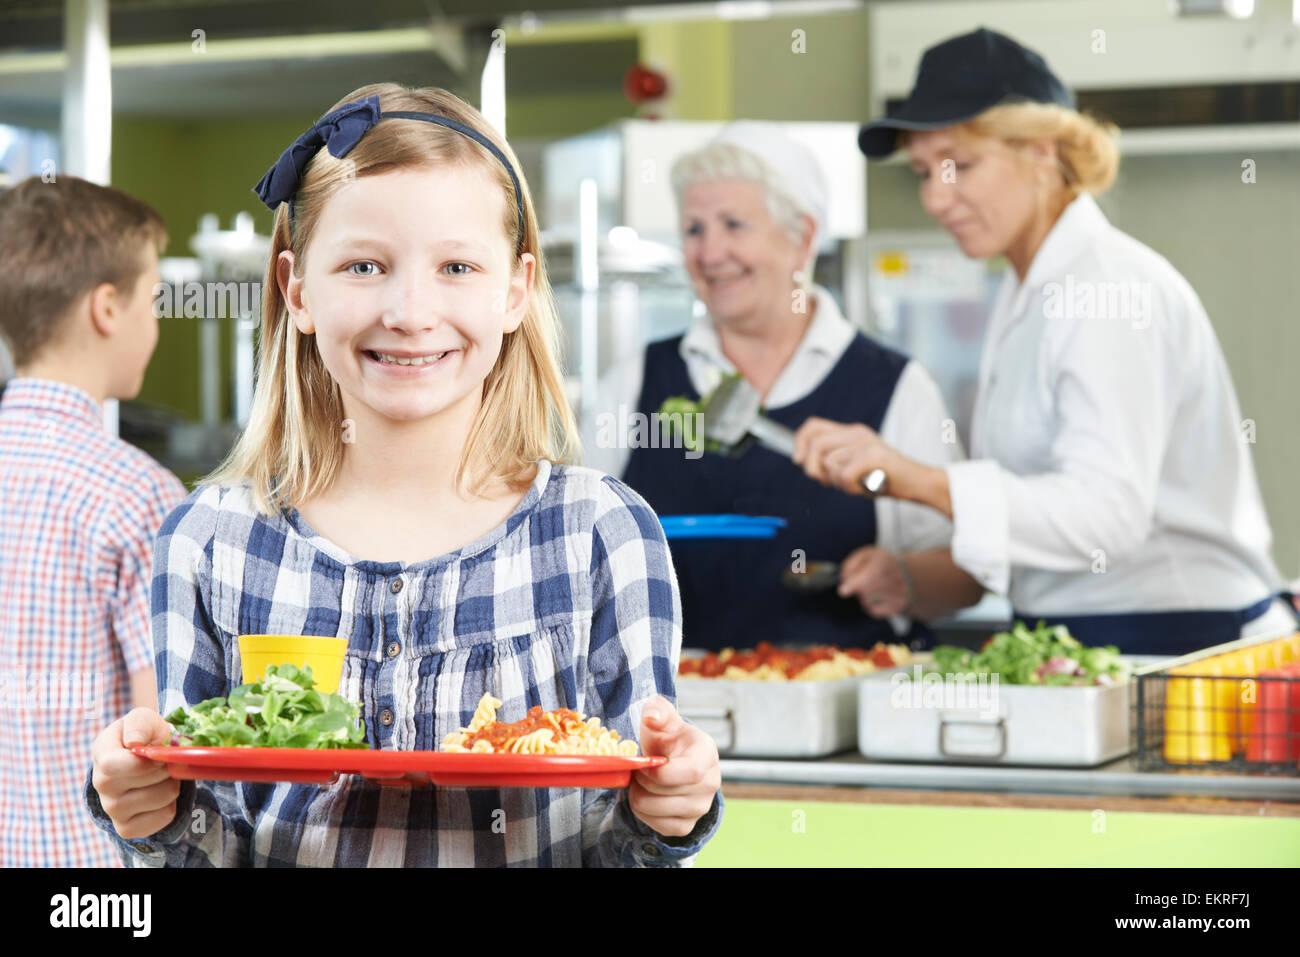 Élève de sexe féminin avec dîner santé en cantine scolaire Photo Stock